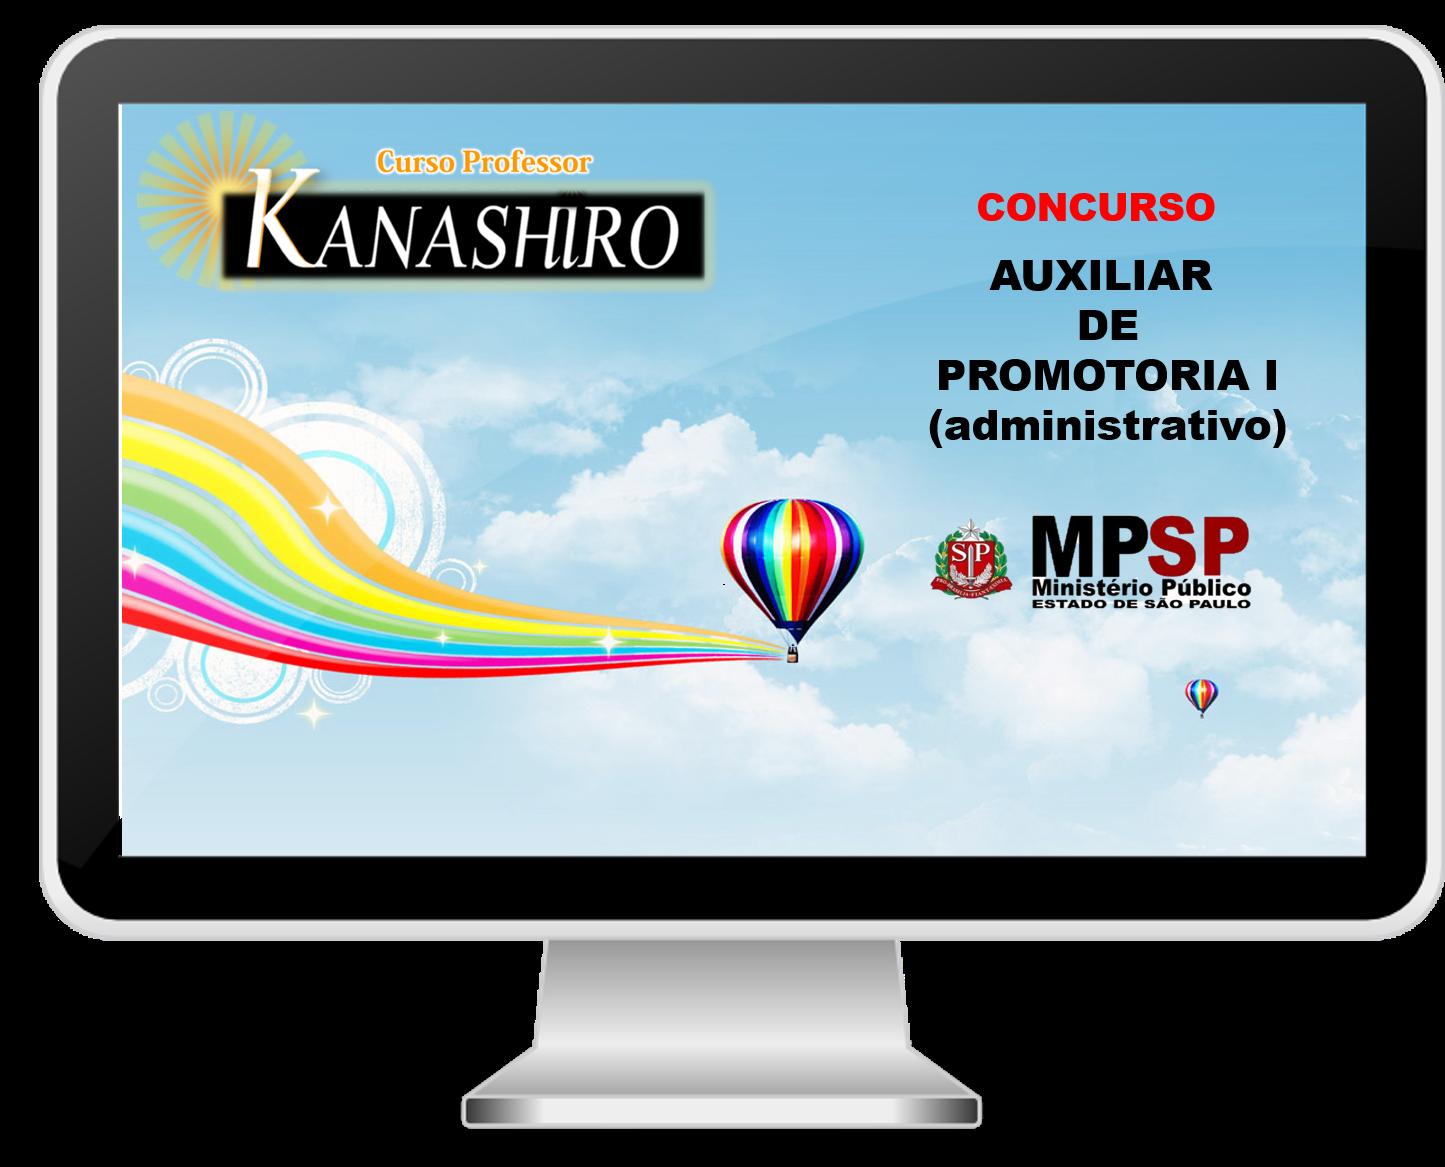 http://auxiliardepromotoria.blogspot.com.br/